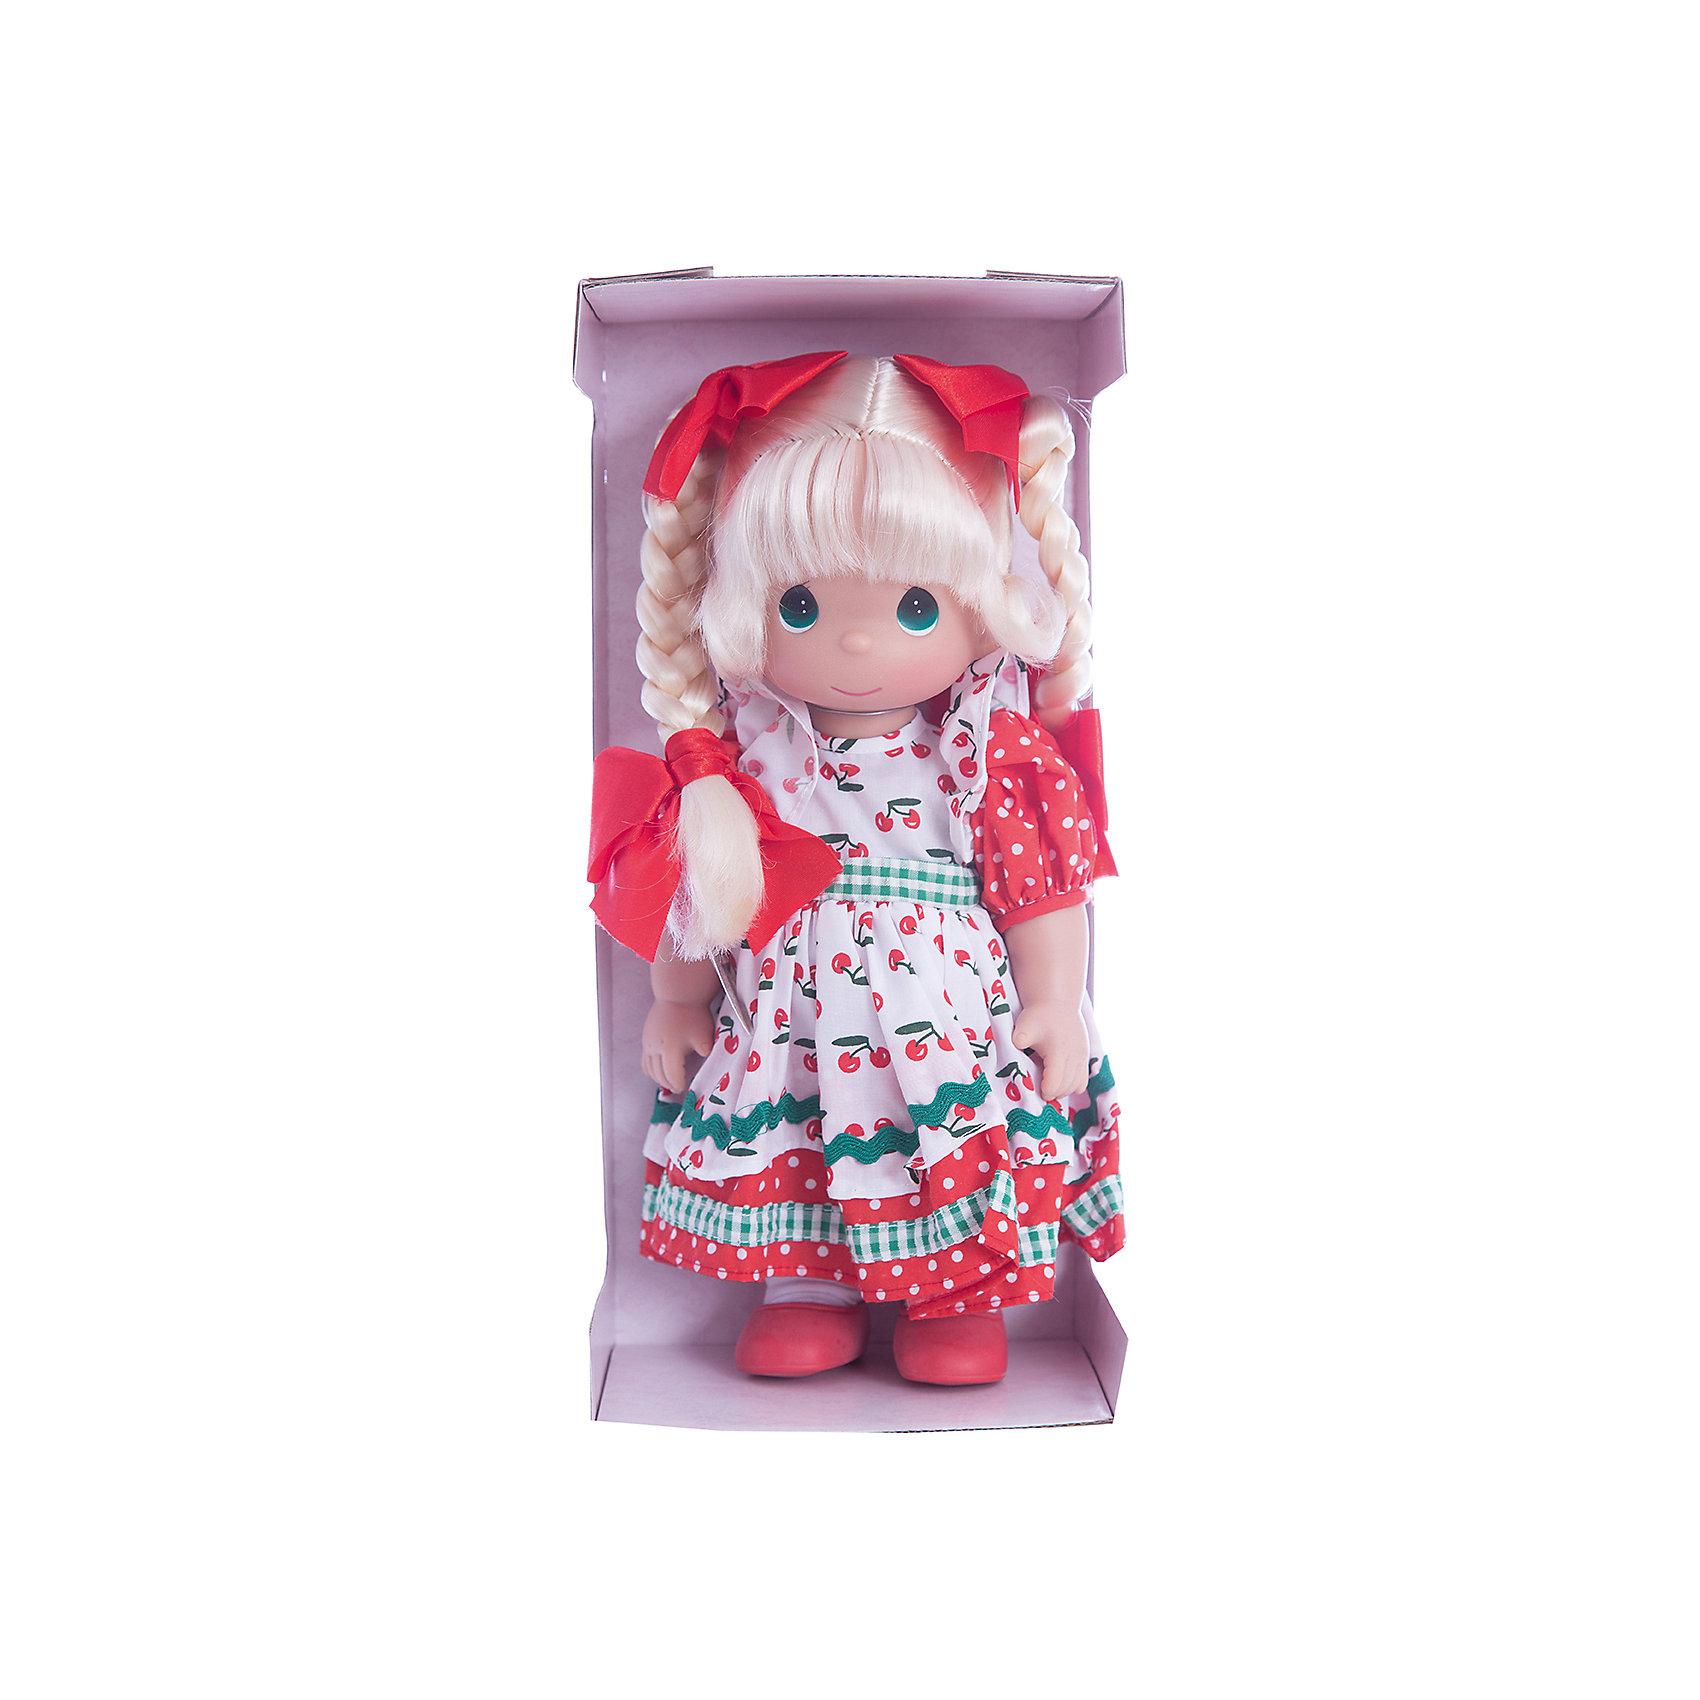 Кукла Вишневая тропинка, 30 см, Precious MomentsБренды кукол<br>Характеристики товара:<br><br>• возраст: от 5 лет;<br>• материал: винил, текстиль;<br>• высота куклы: 30 см;<br>• размер упаковки: 32х15х9 см;<br>• вес упаковки: 405 гр.;<br>• страна производитель: Филиппины.<br><br>Кукла «Вишневая тропинка» Precious Moments — коллекционная кукла с выразительными зелеными глазками и светлыми волосами, заплетенными в косички. На волосах завязаны ярко-красные бантики.<br><br>Куколка одета в разноцветное платье с принтом и красные туфельки. У куклы имеются подвижные детали. Она выполнена из качественного безопасного материала.<br><br>Куклу «Вишневая тропинка» Precious Moments можно приобрести в нашем интернет-магазине.<br><br>Ширина мм: 140<br>Глубина мм: 300<br>Высота мм: 80<br>Вес г: 428<br>Возраст от месяцев: 36<br>Возраст до месяцев: 2147483647<br>Пол: Женский<br>Возраст: Детский<br>SKU: 5482503